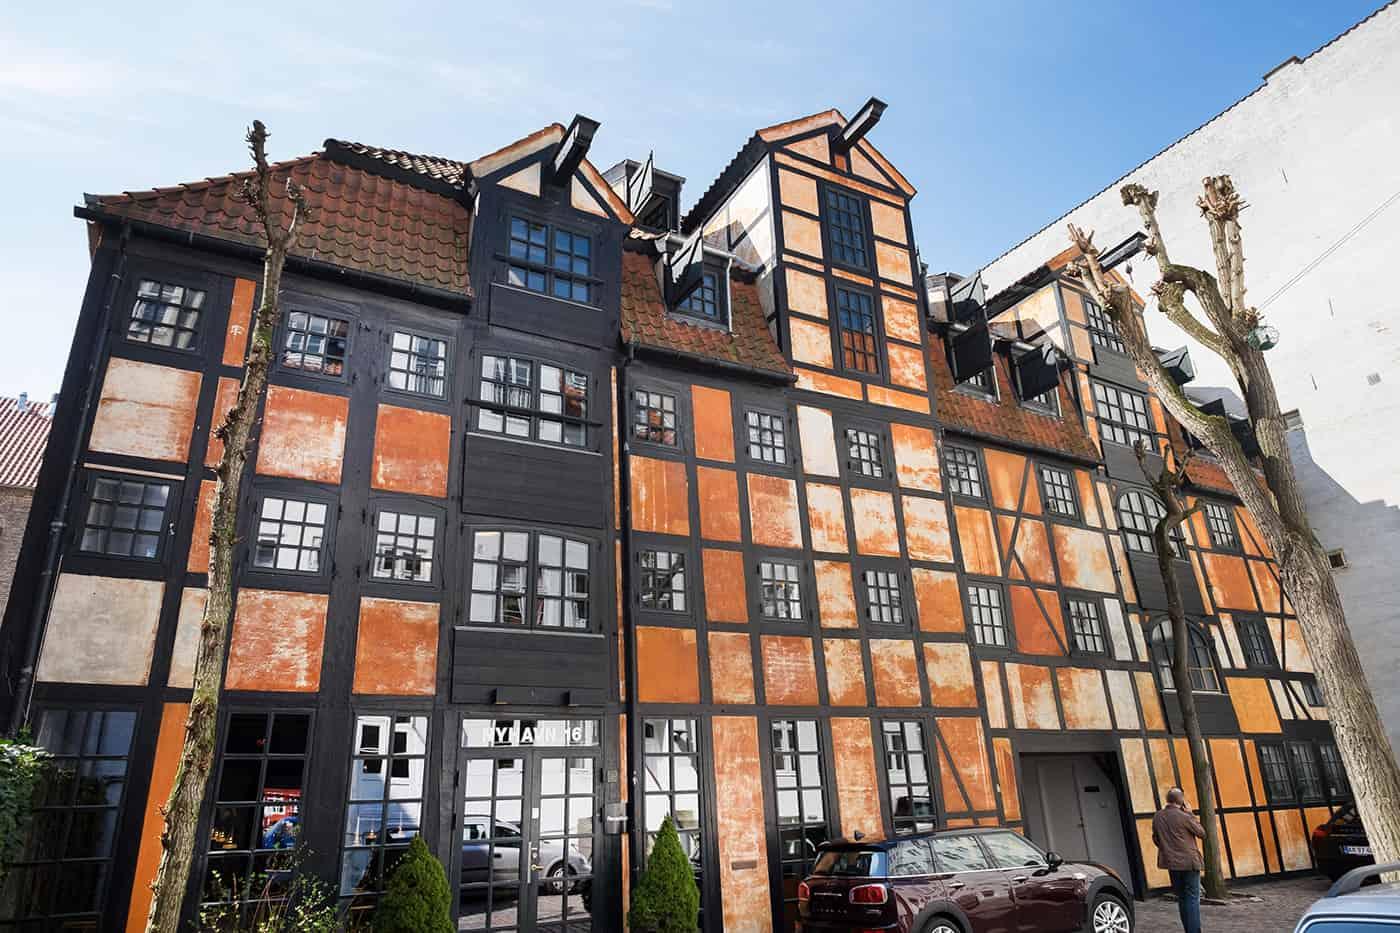 RITAarch, Greener Pastures, indretning, arkitektur, København